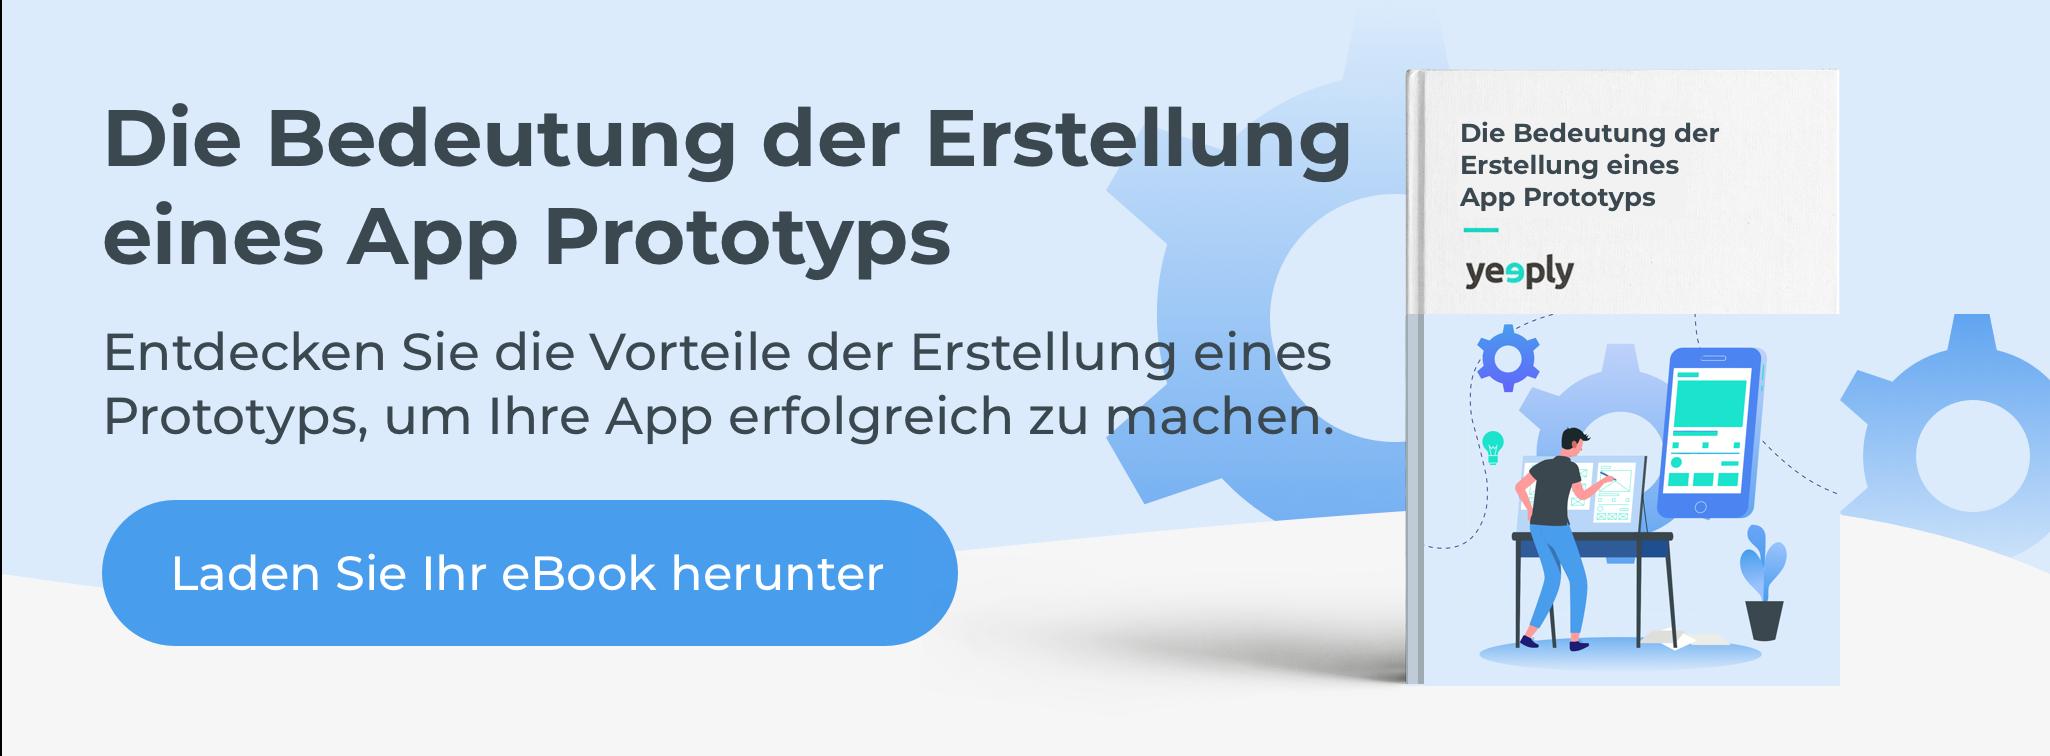 E7 Ebook Apps Prototyps